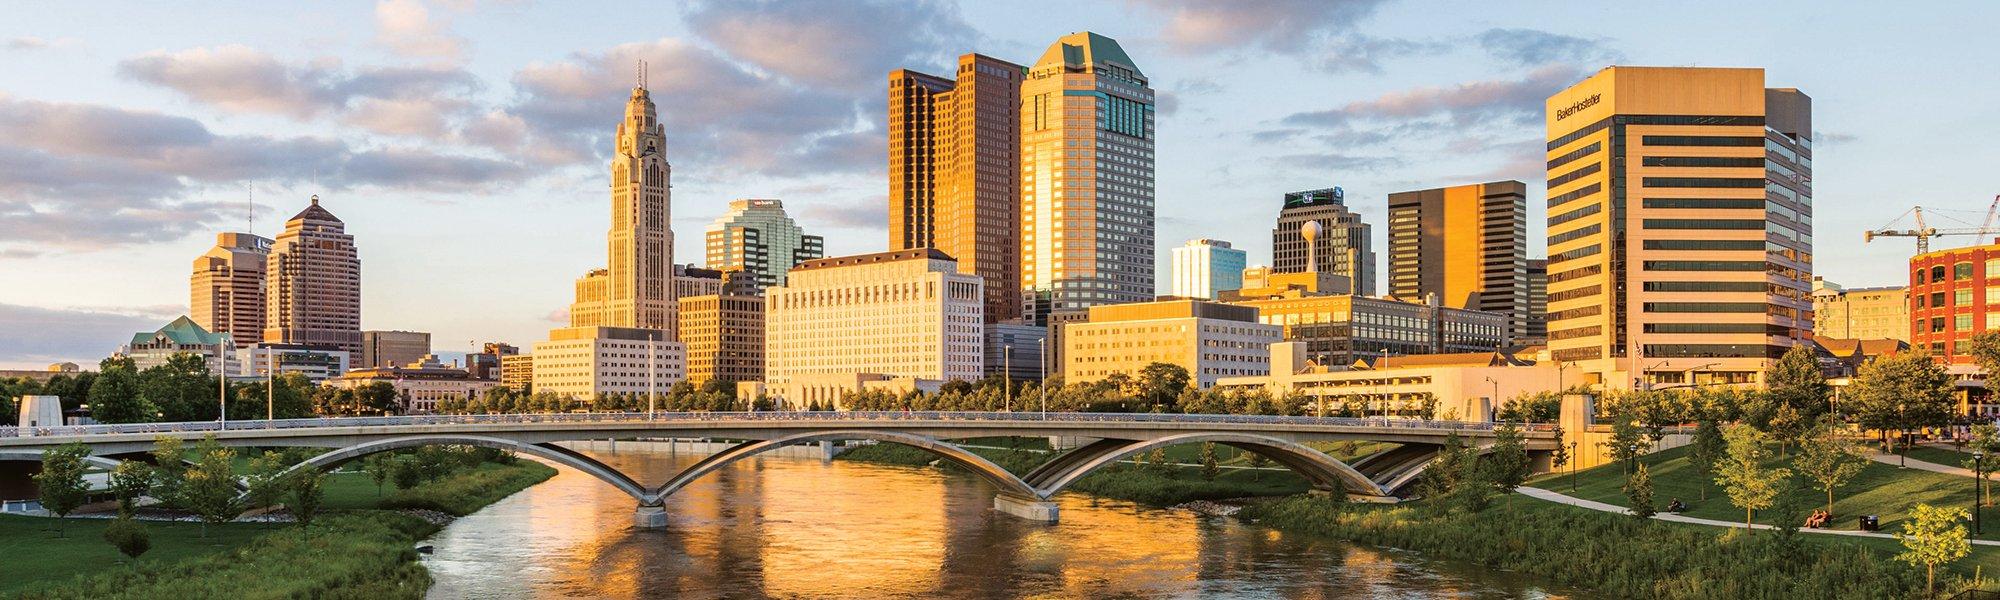 Columbus, Ohio.jpg